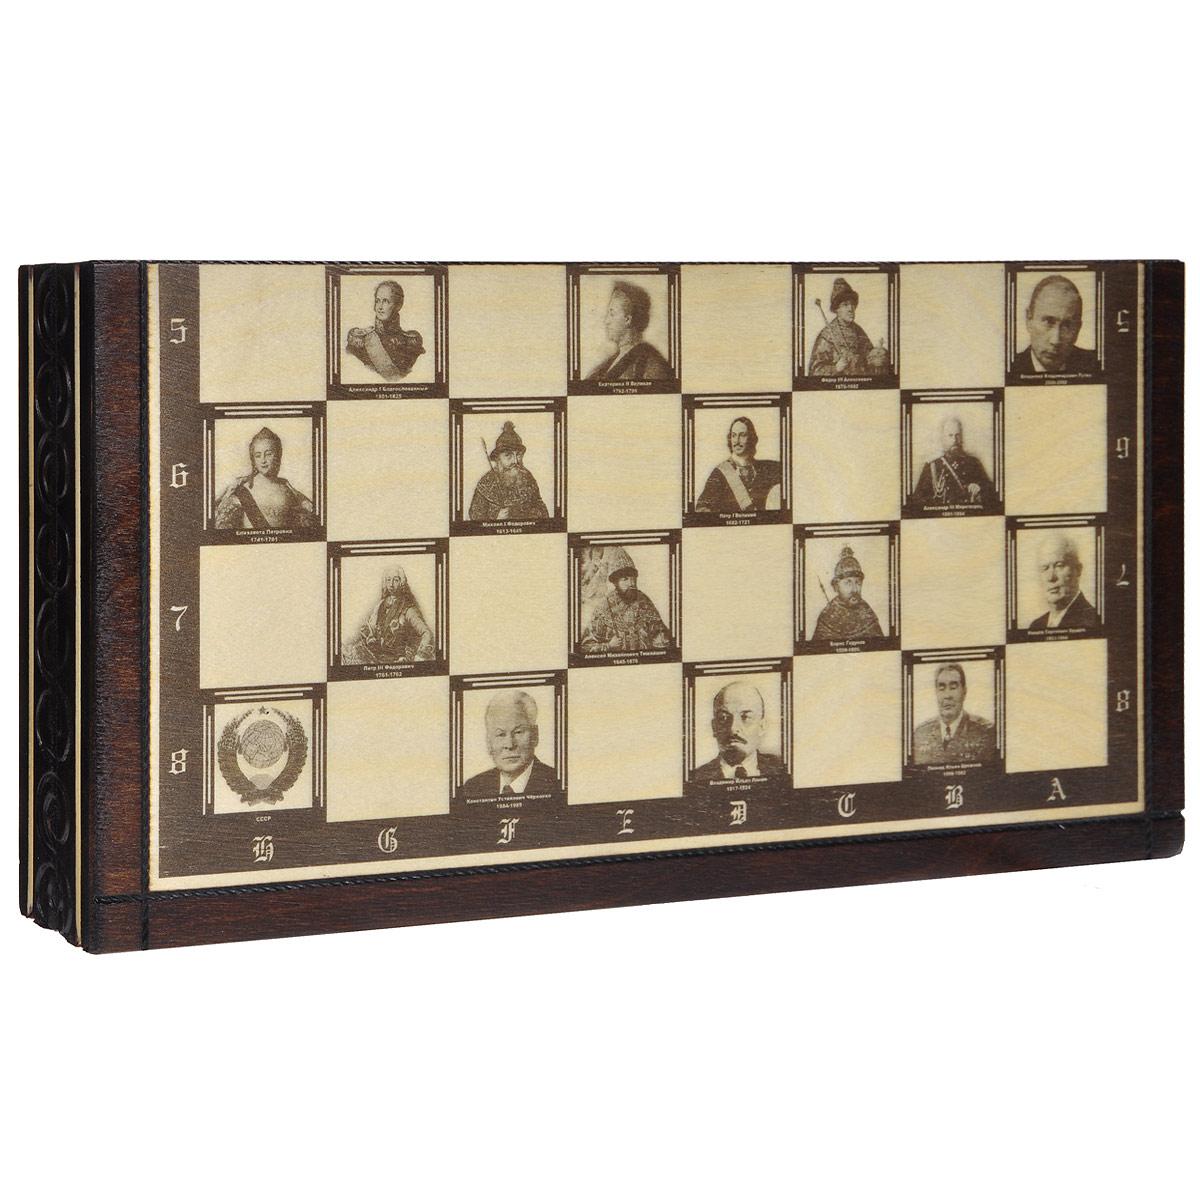 Шахматы Madon Политические деятели России, размер: 35х17,5х5 см. 144АР144АРШахматы Политические деятели России представляют собой деревянный кейс, который закрывается на металлический замок. На внешней стороне в раскрытом виде изображено игровое поле для игры в шахматы. Его особенность в том, что клеточки оформлены изображениями известных российских политиков. Все предметы набора изготовлены из дерева. Шахматы - это увлекательная игра, которая поможет развить логическое мышление и позволит вам интересно и с пользой провести время.